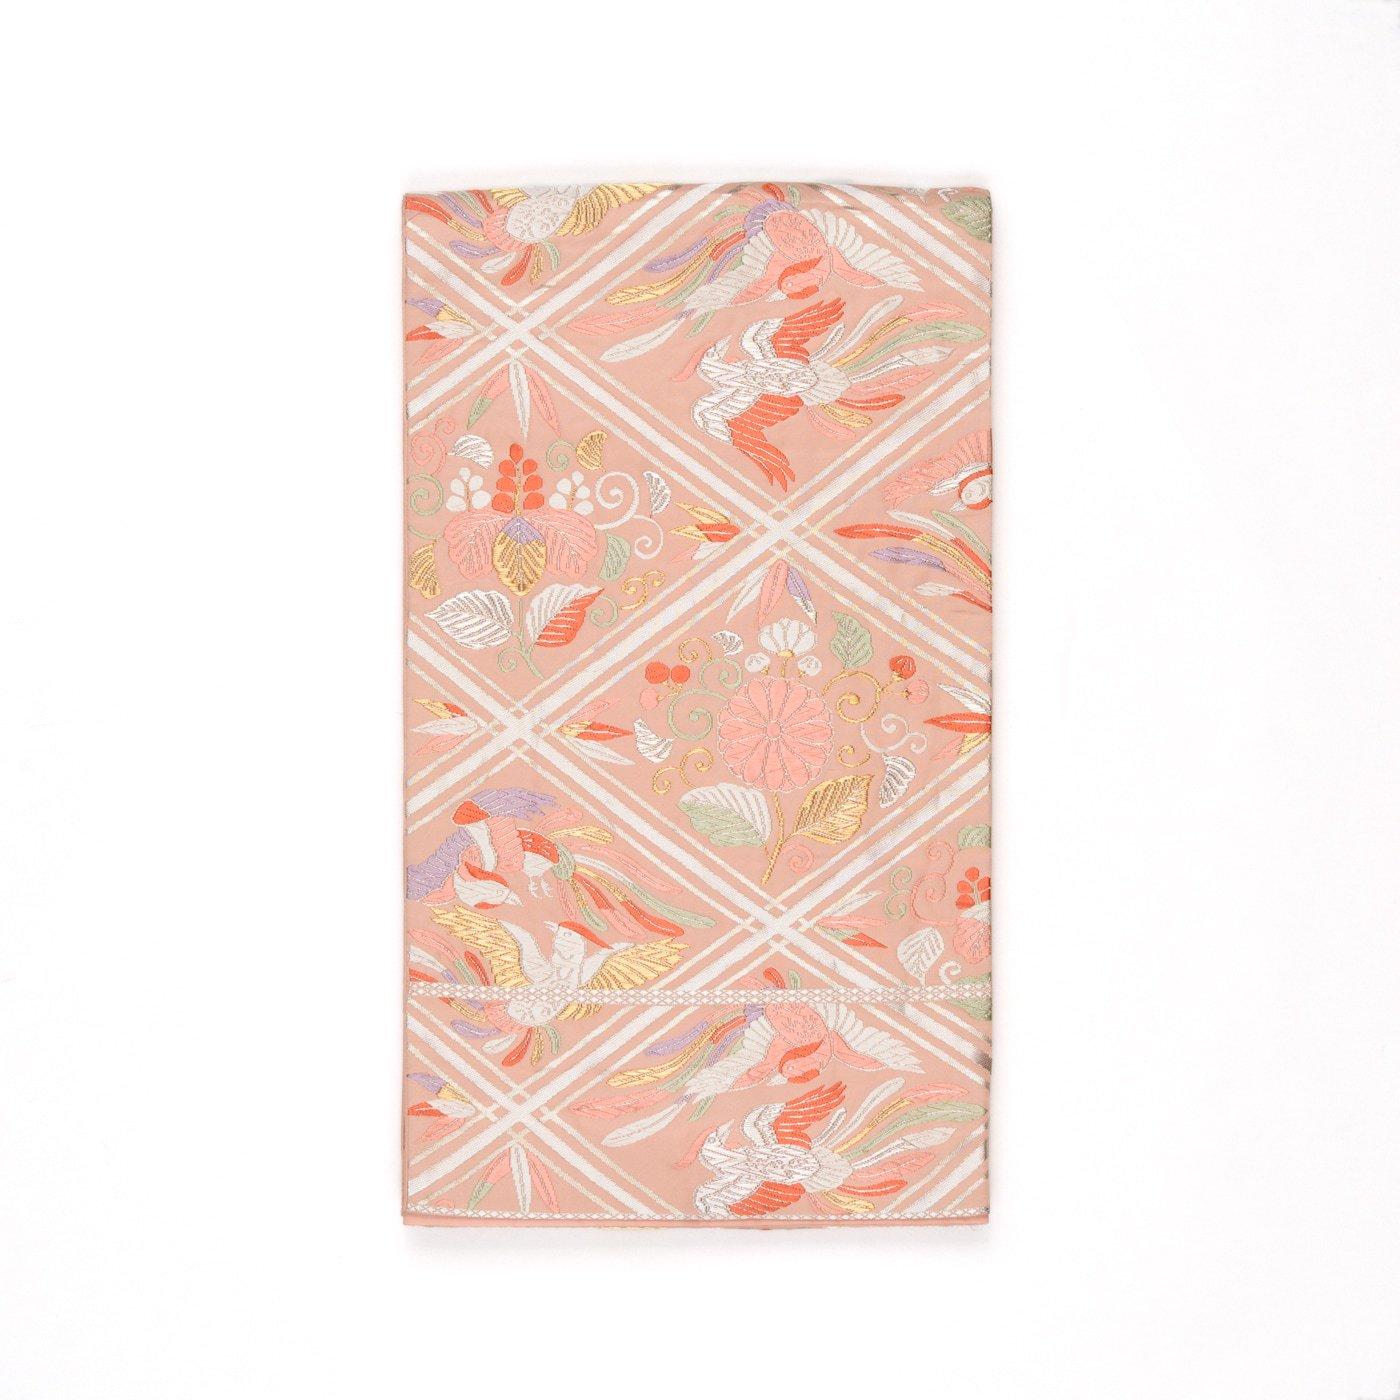 「袋帯●菱に向かい鳳凰 菊 桐など」の商品画像